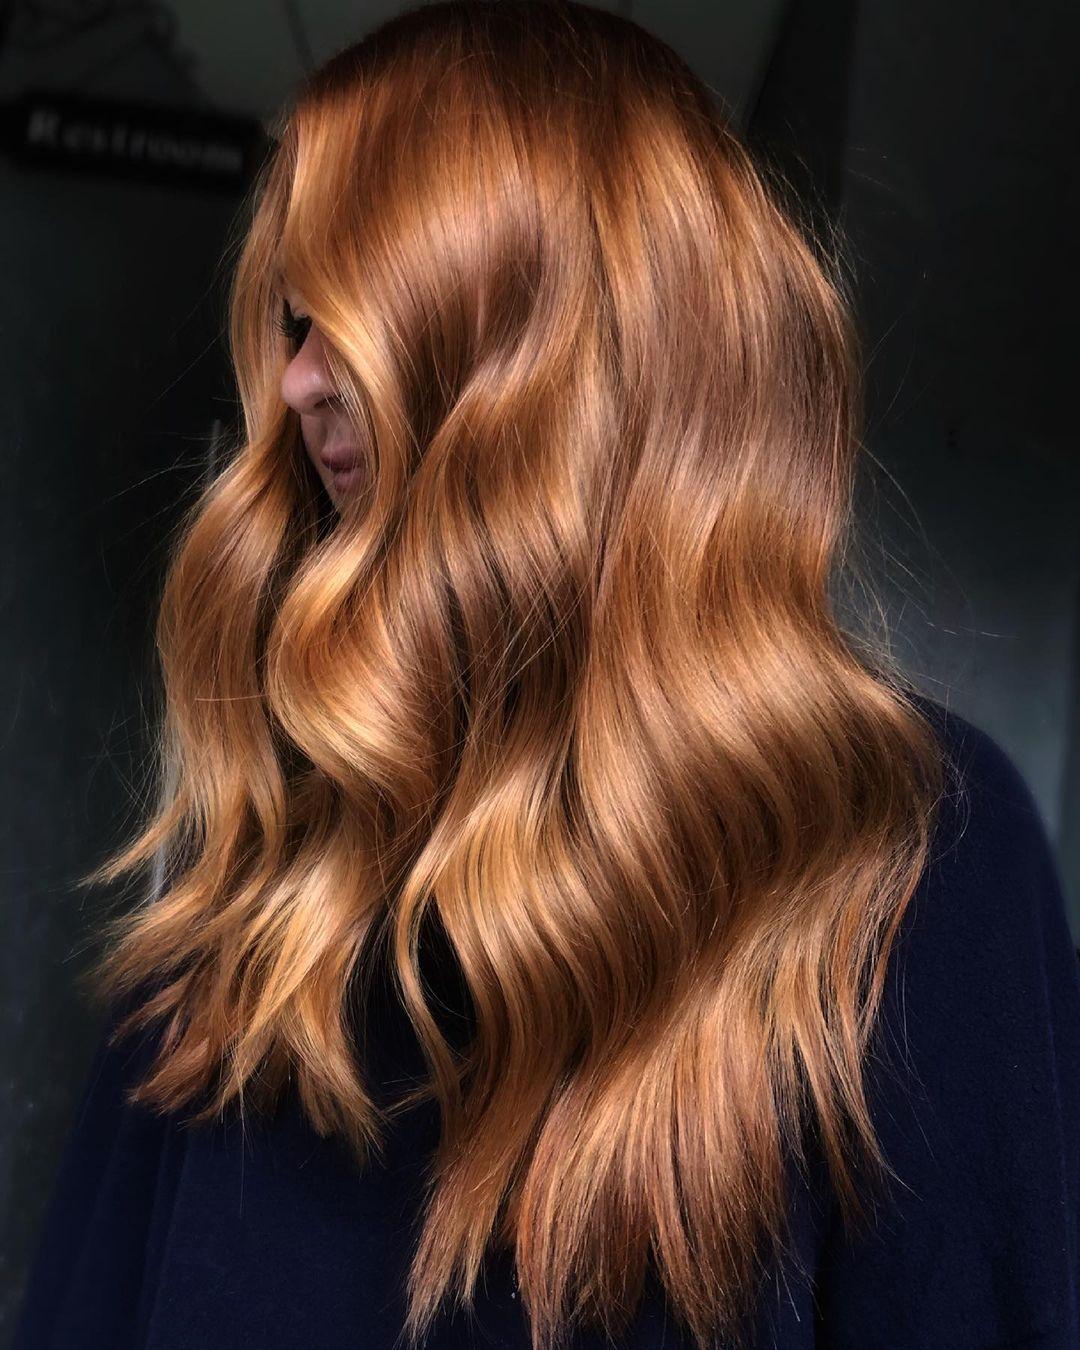 Reddish Light Golden Brown Hair